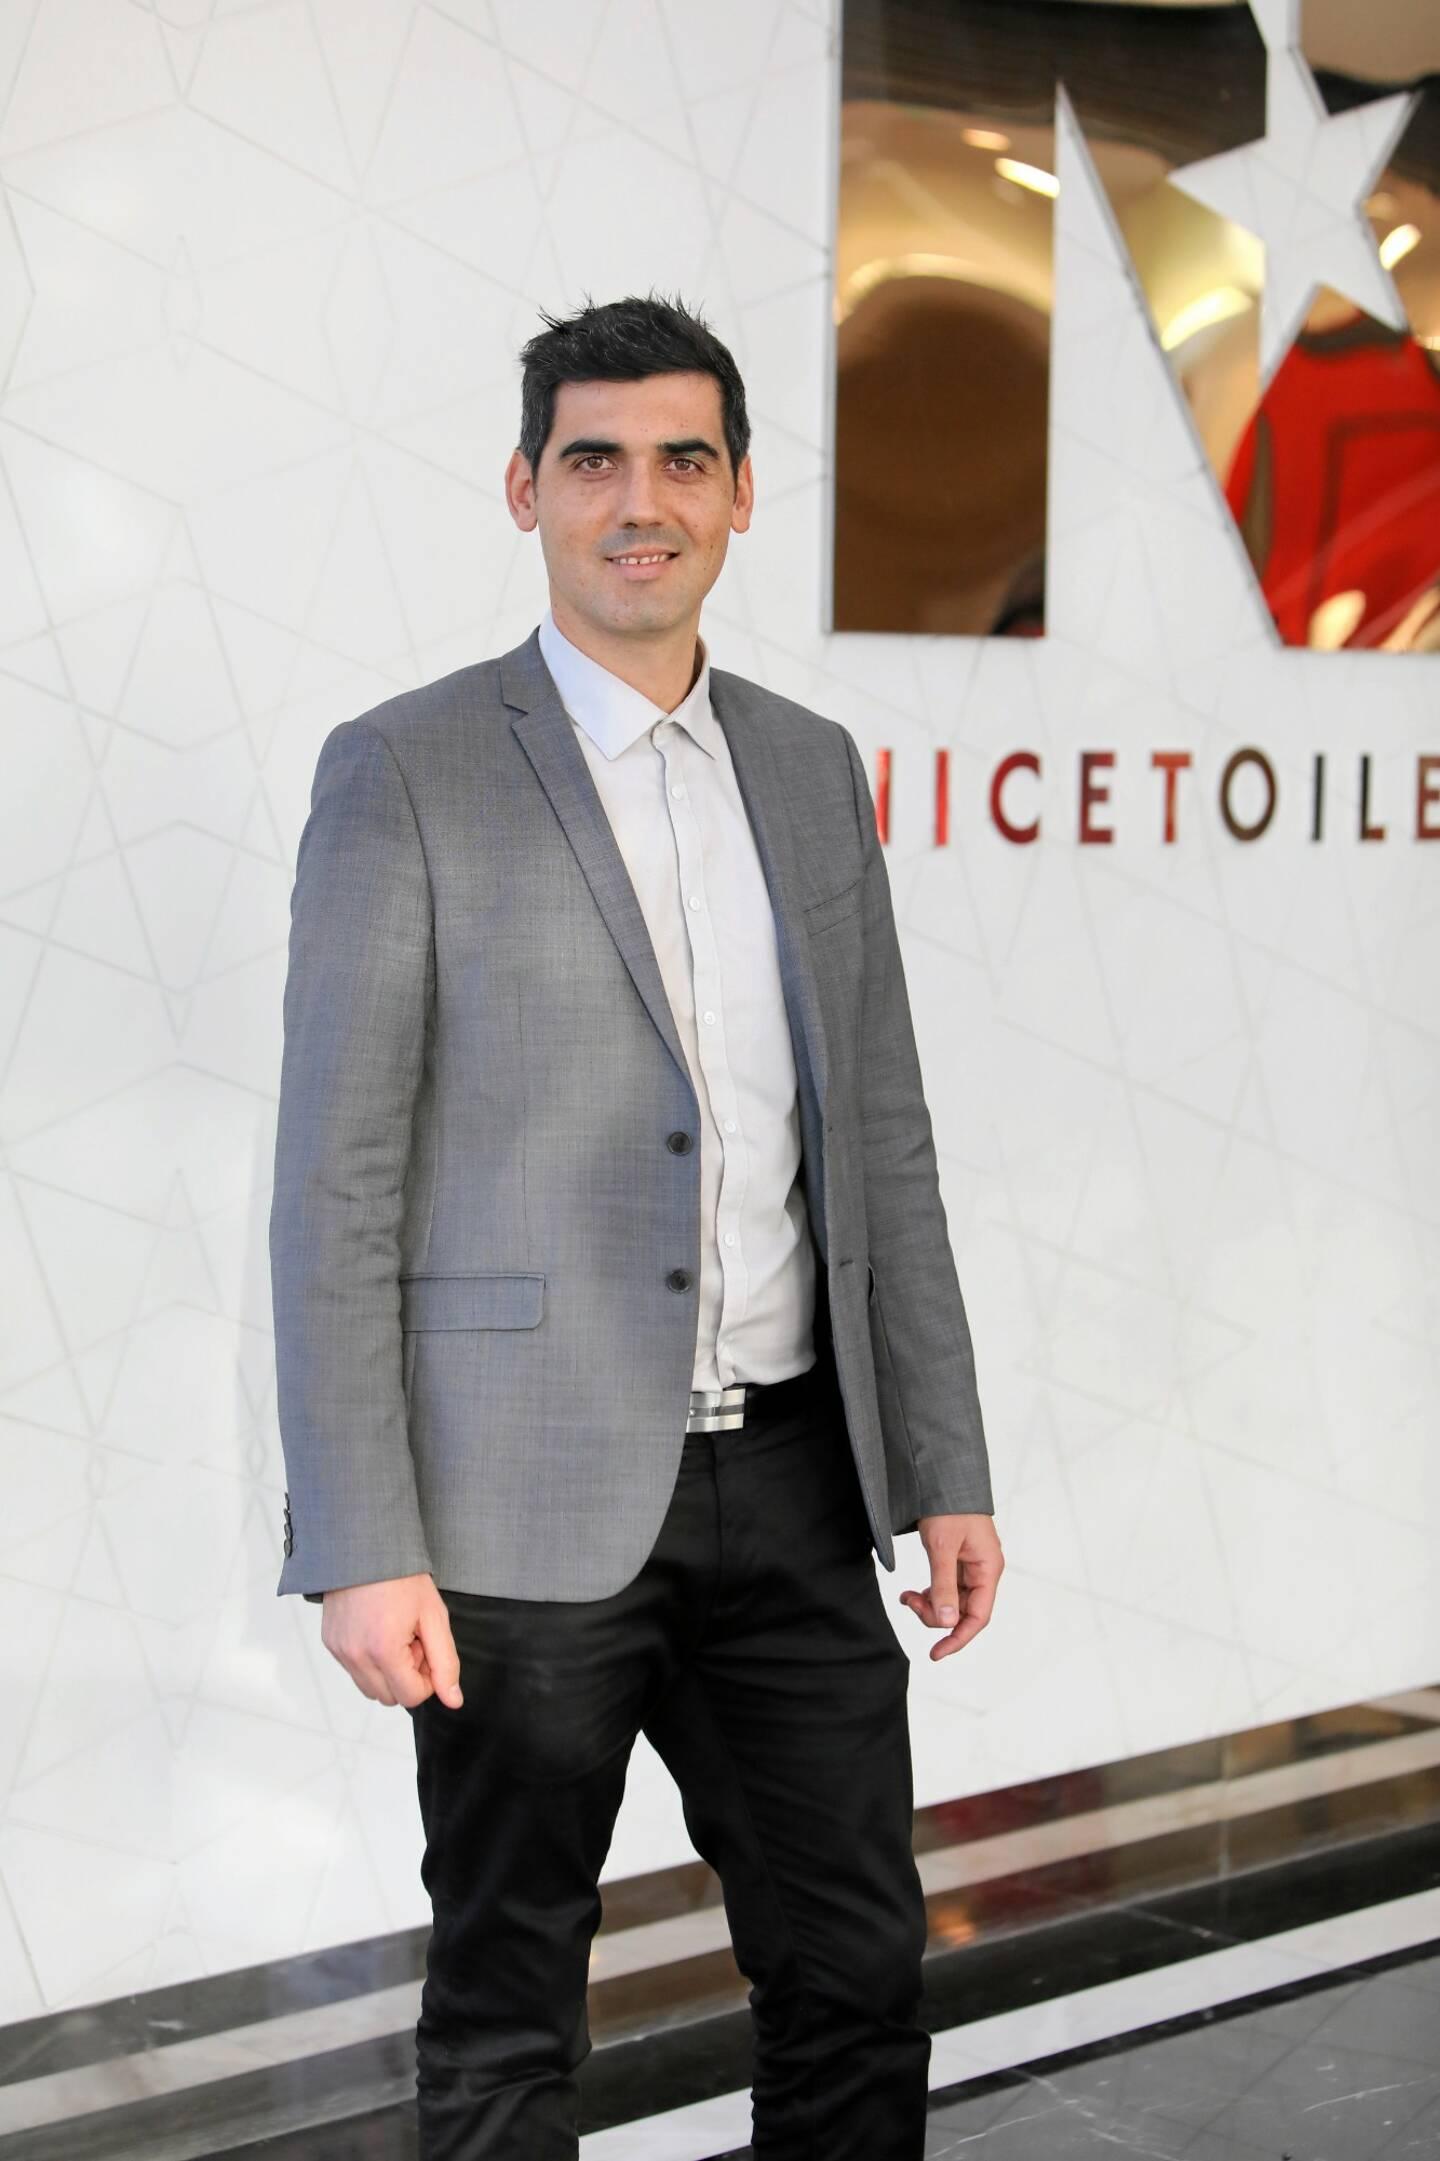 Patrick Nolier, directeur de Nicétoile, prêt à appliquer de nouvelles dispositions quant à la jauge des clients.